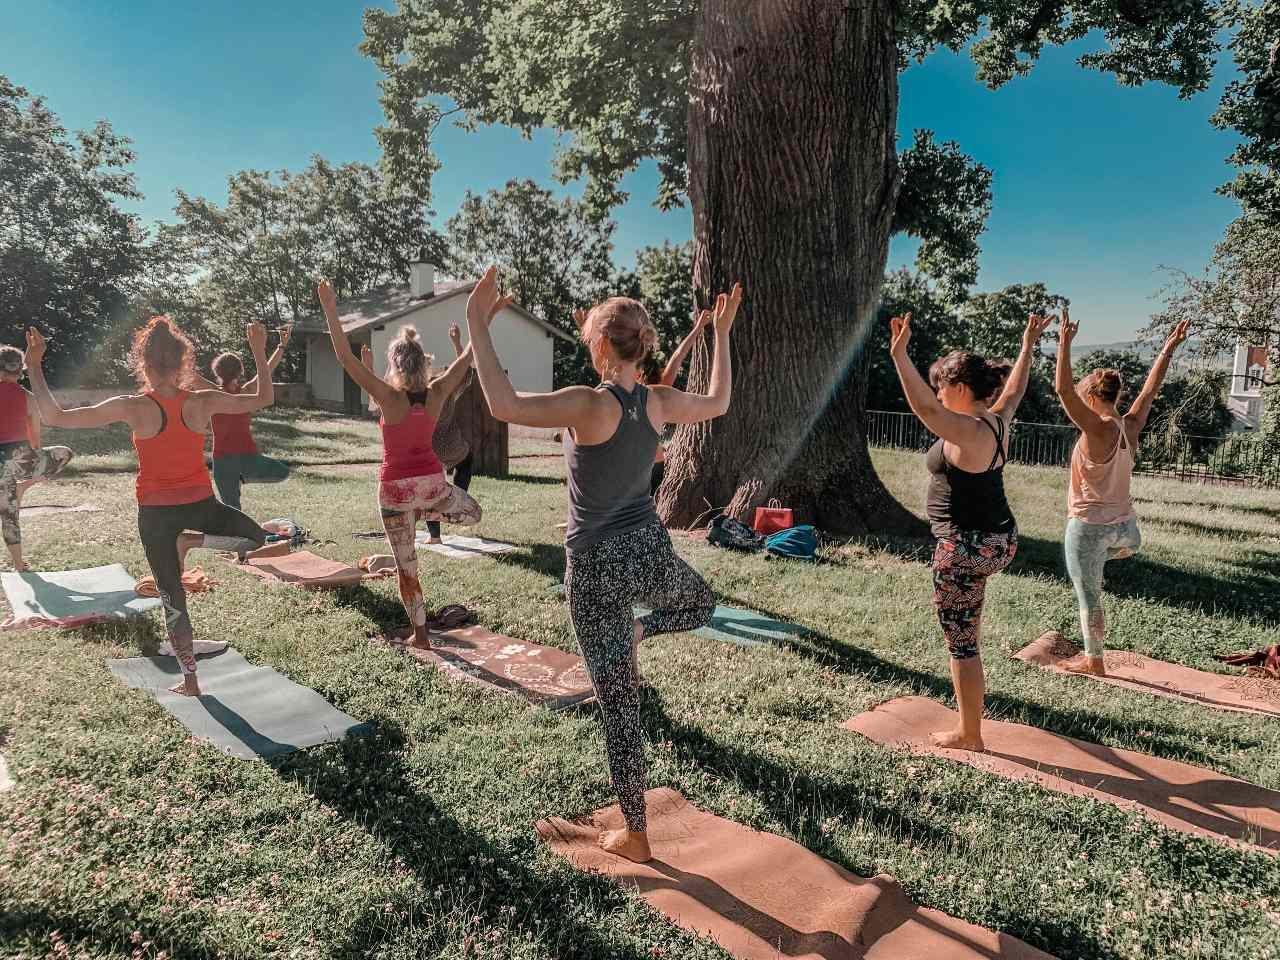 balanční pozice skupiny jogínů, zády k objektivu, pozice stromu s rukama rozpaženými doširoka pod stromem na jóga víkend